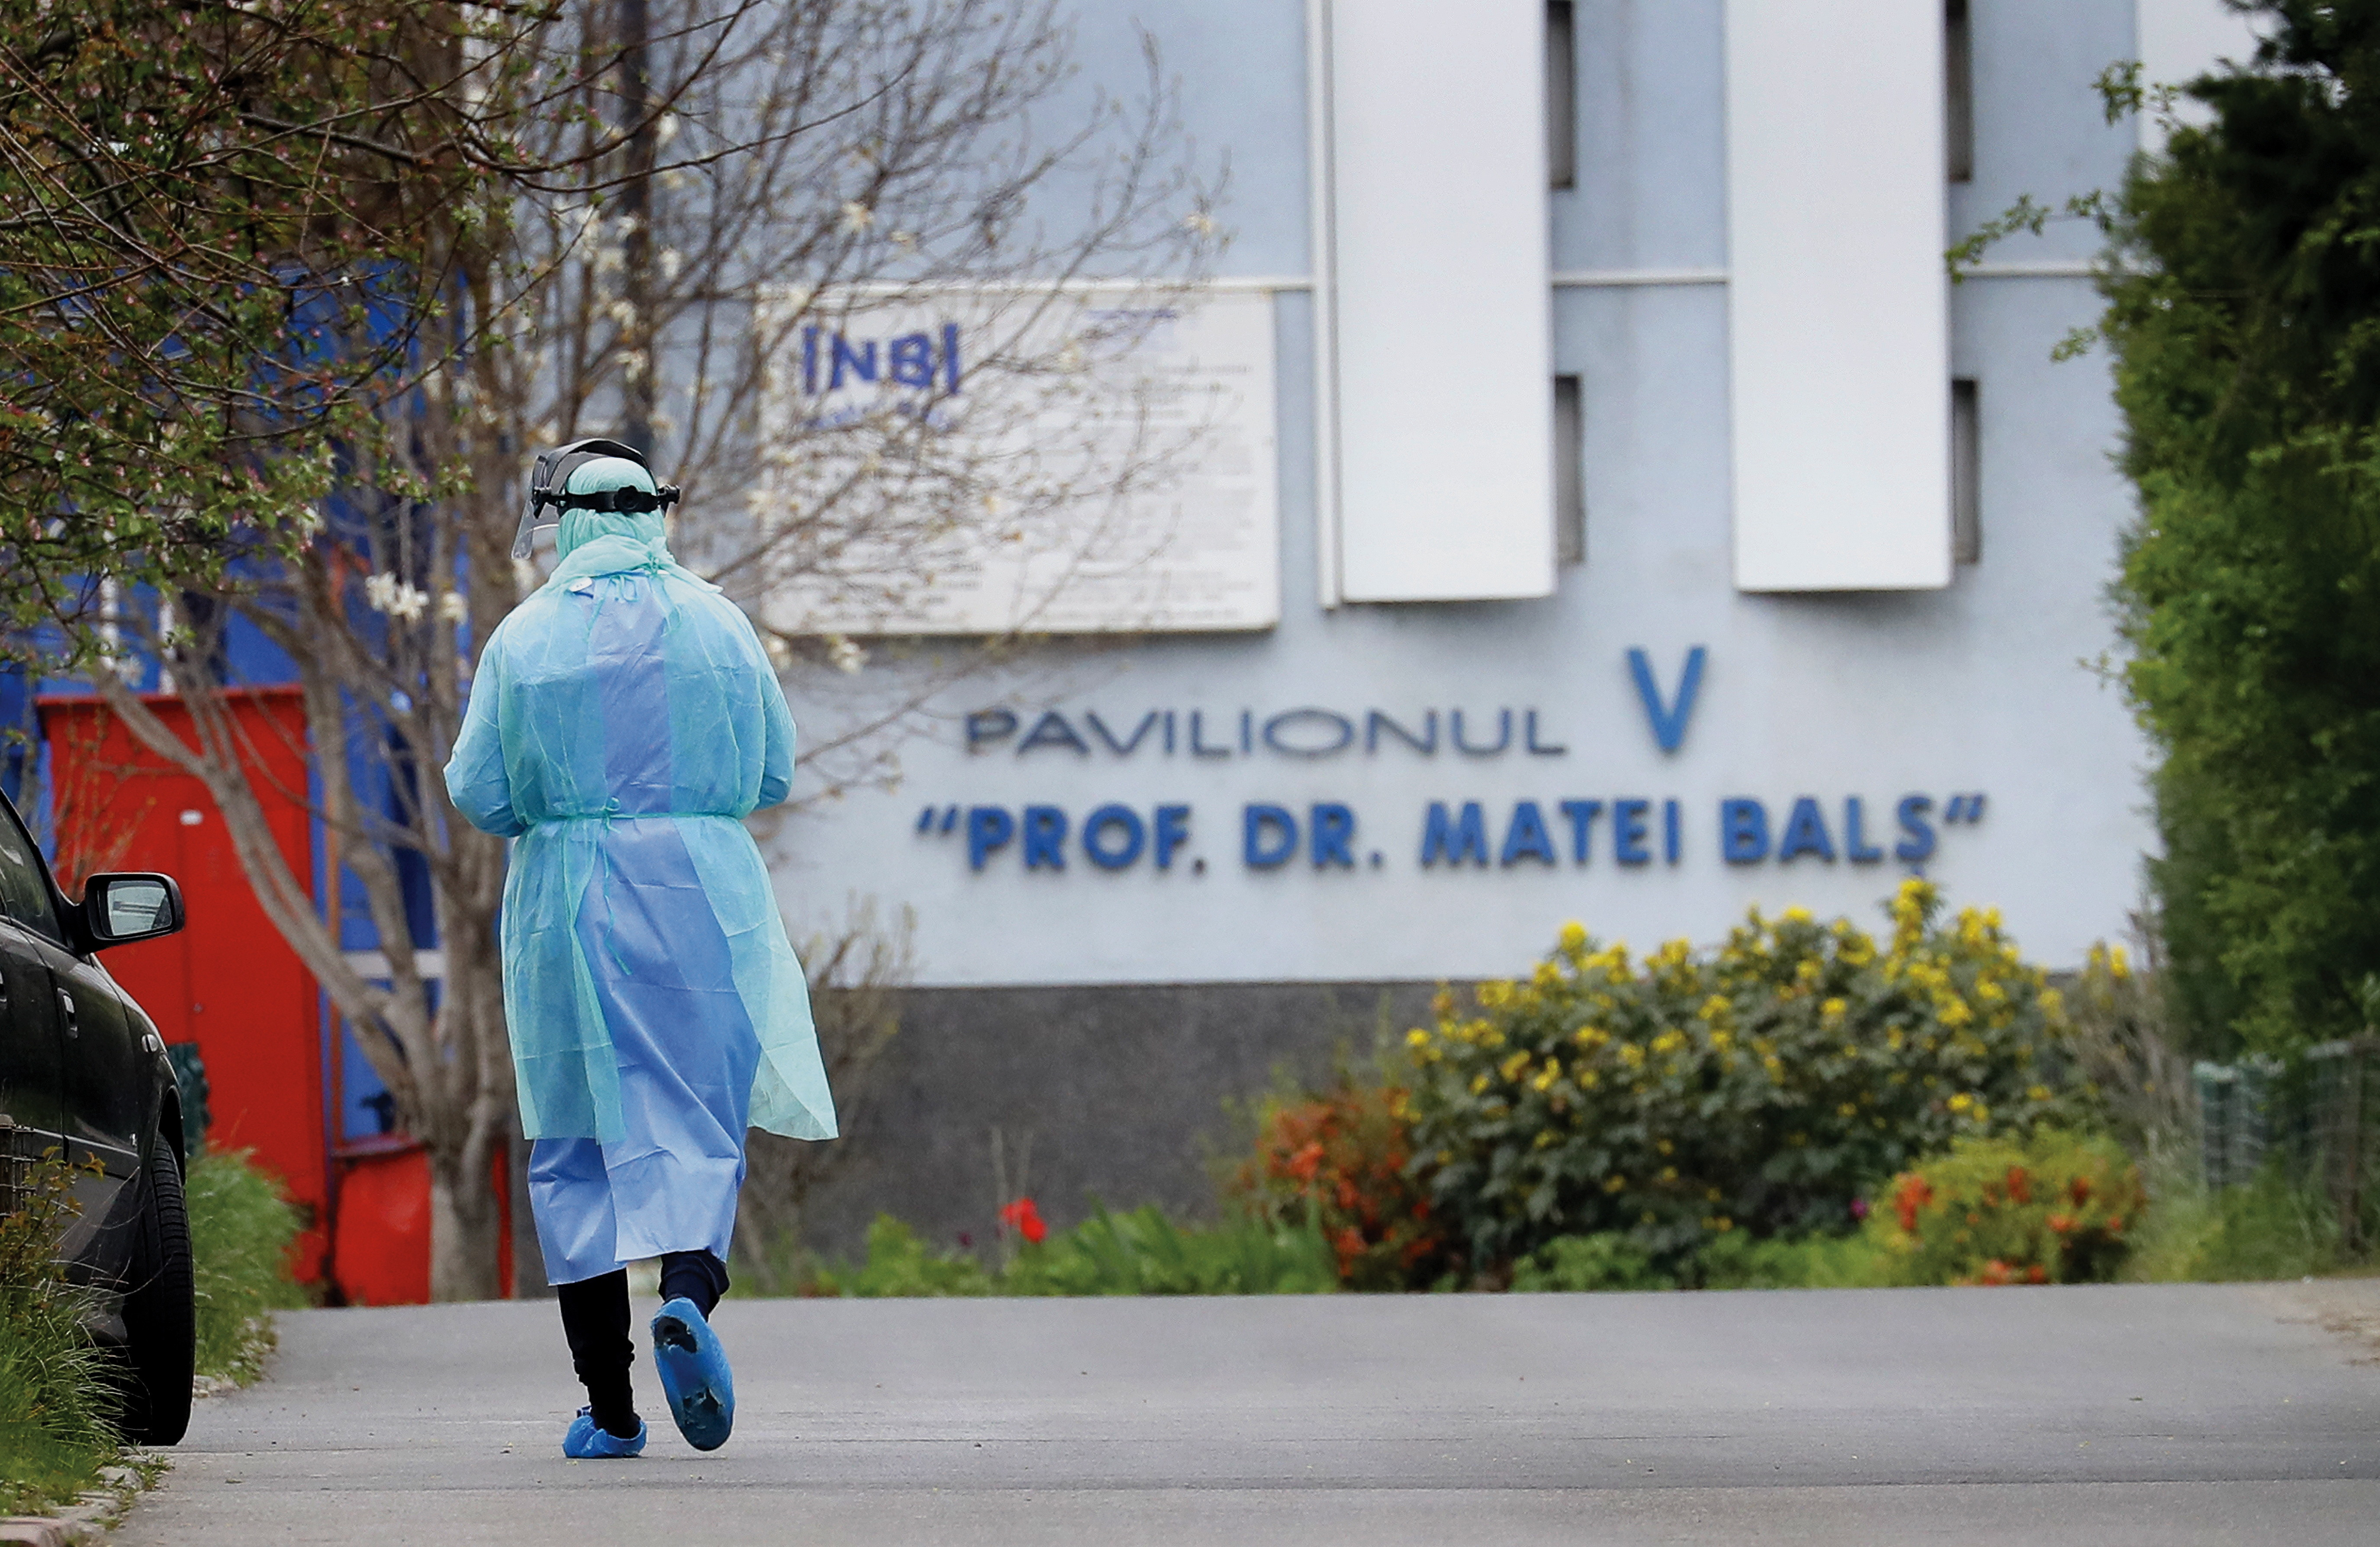 Încă 2 decese după incendiul de la Matei Balș. Bilanțul victimelor ajunge la 10